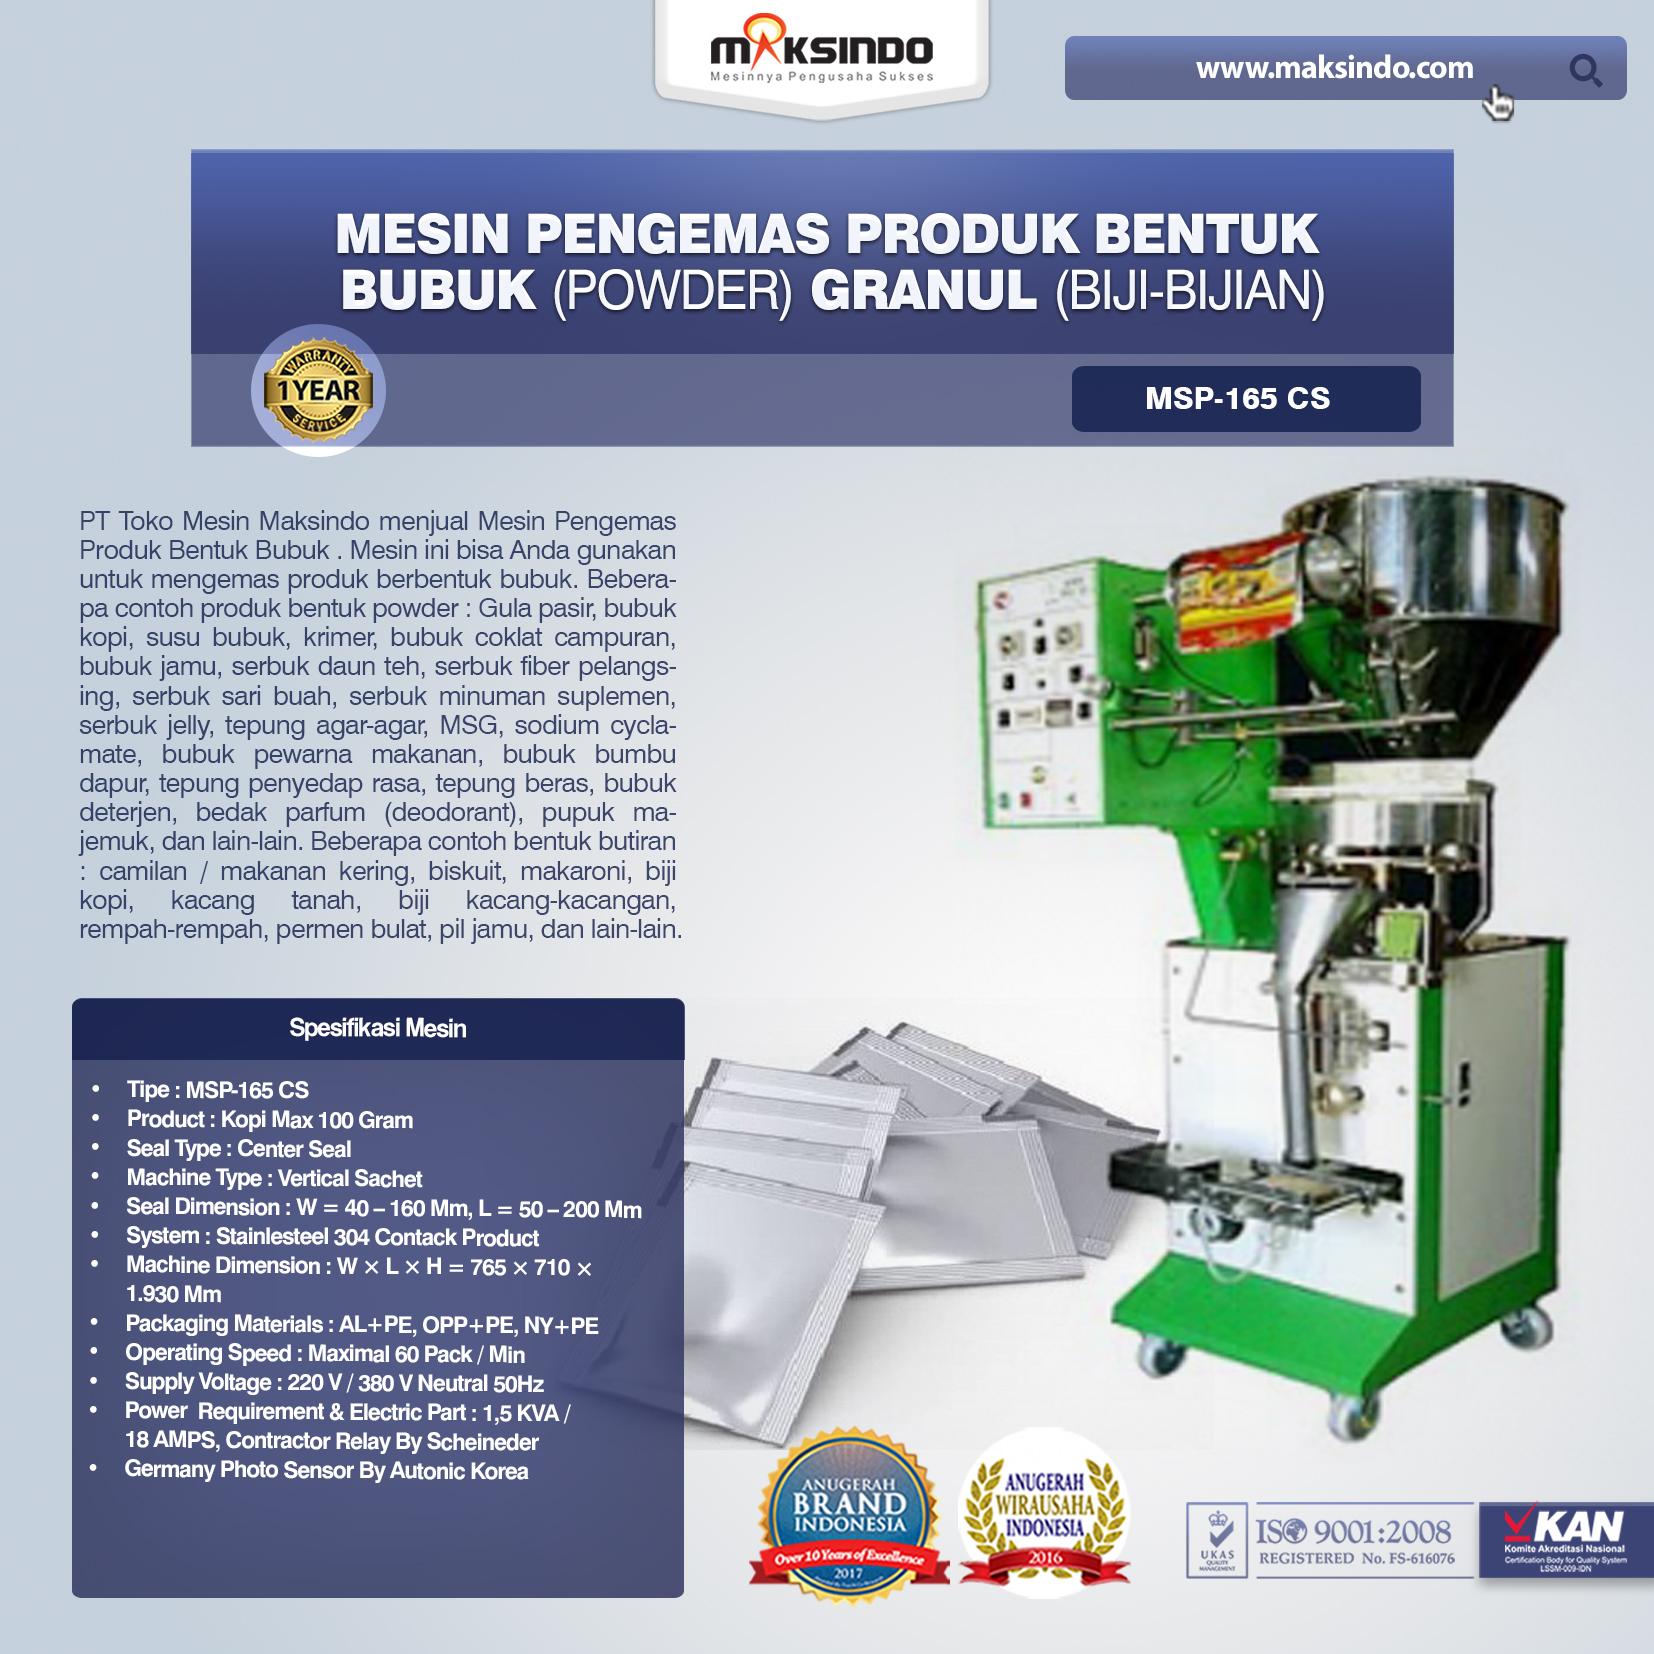 Mesin Pengemas Produk Bentuk BUBUK (POWDER) GRANUL (BIJI-BIJIAN) MSP-165 CS